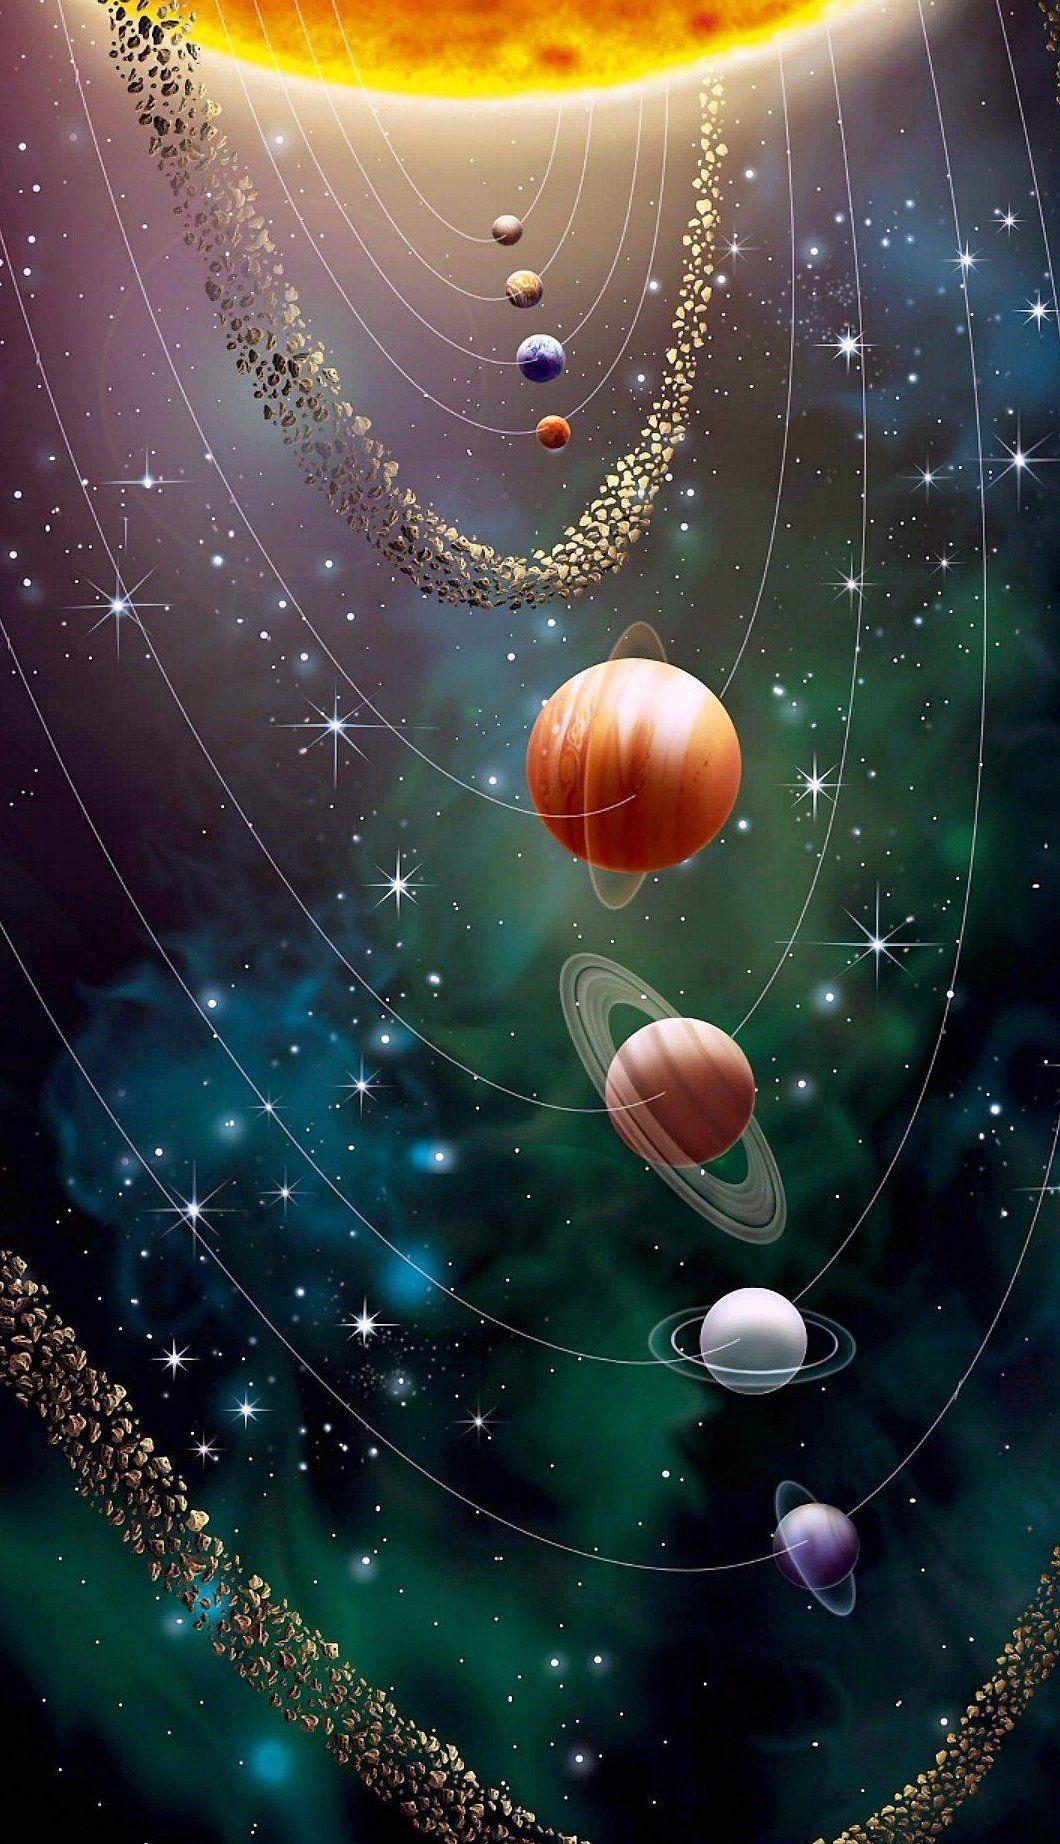 Cosmos Mobile Hd Wallpaper Naturewallpaper In 2020 Planets Wallpaper Wallpaper Space Galaxy Wallpaper